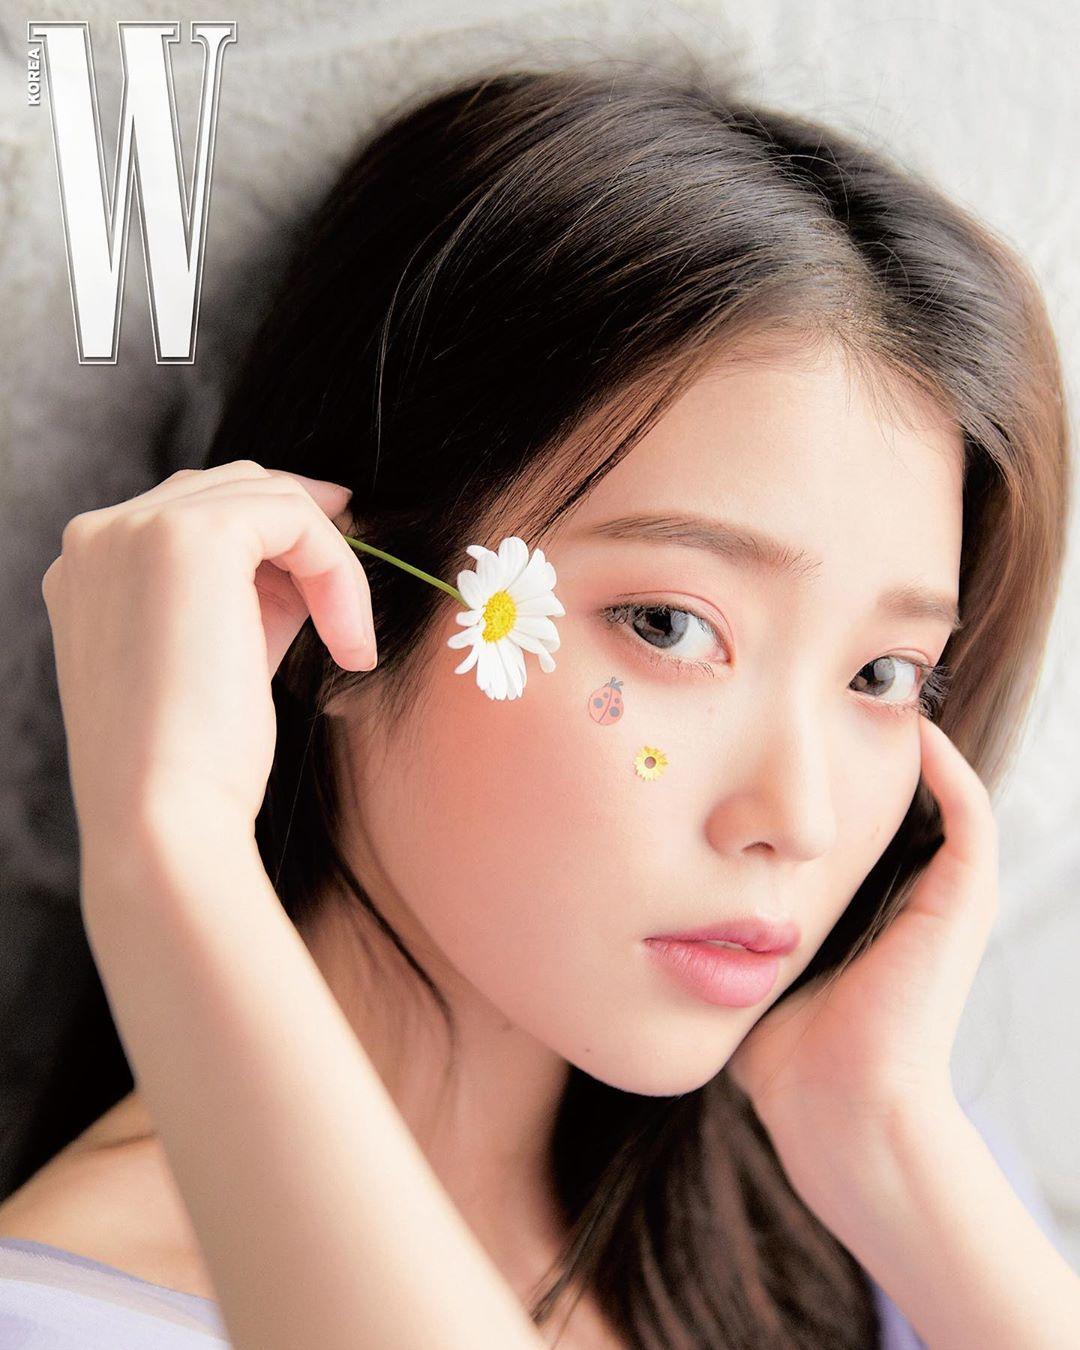 아이유 for W Korea April Unpublished Pictorial Cut